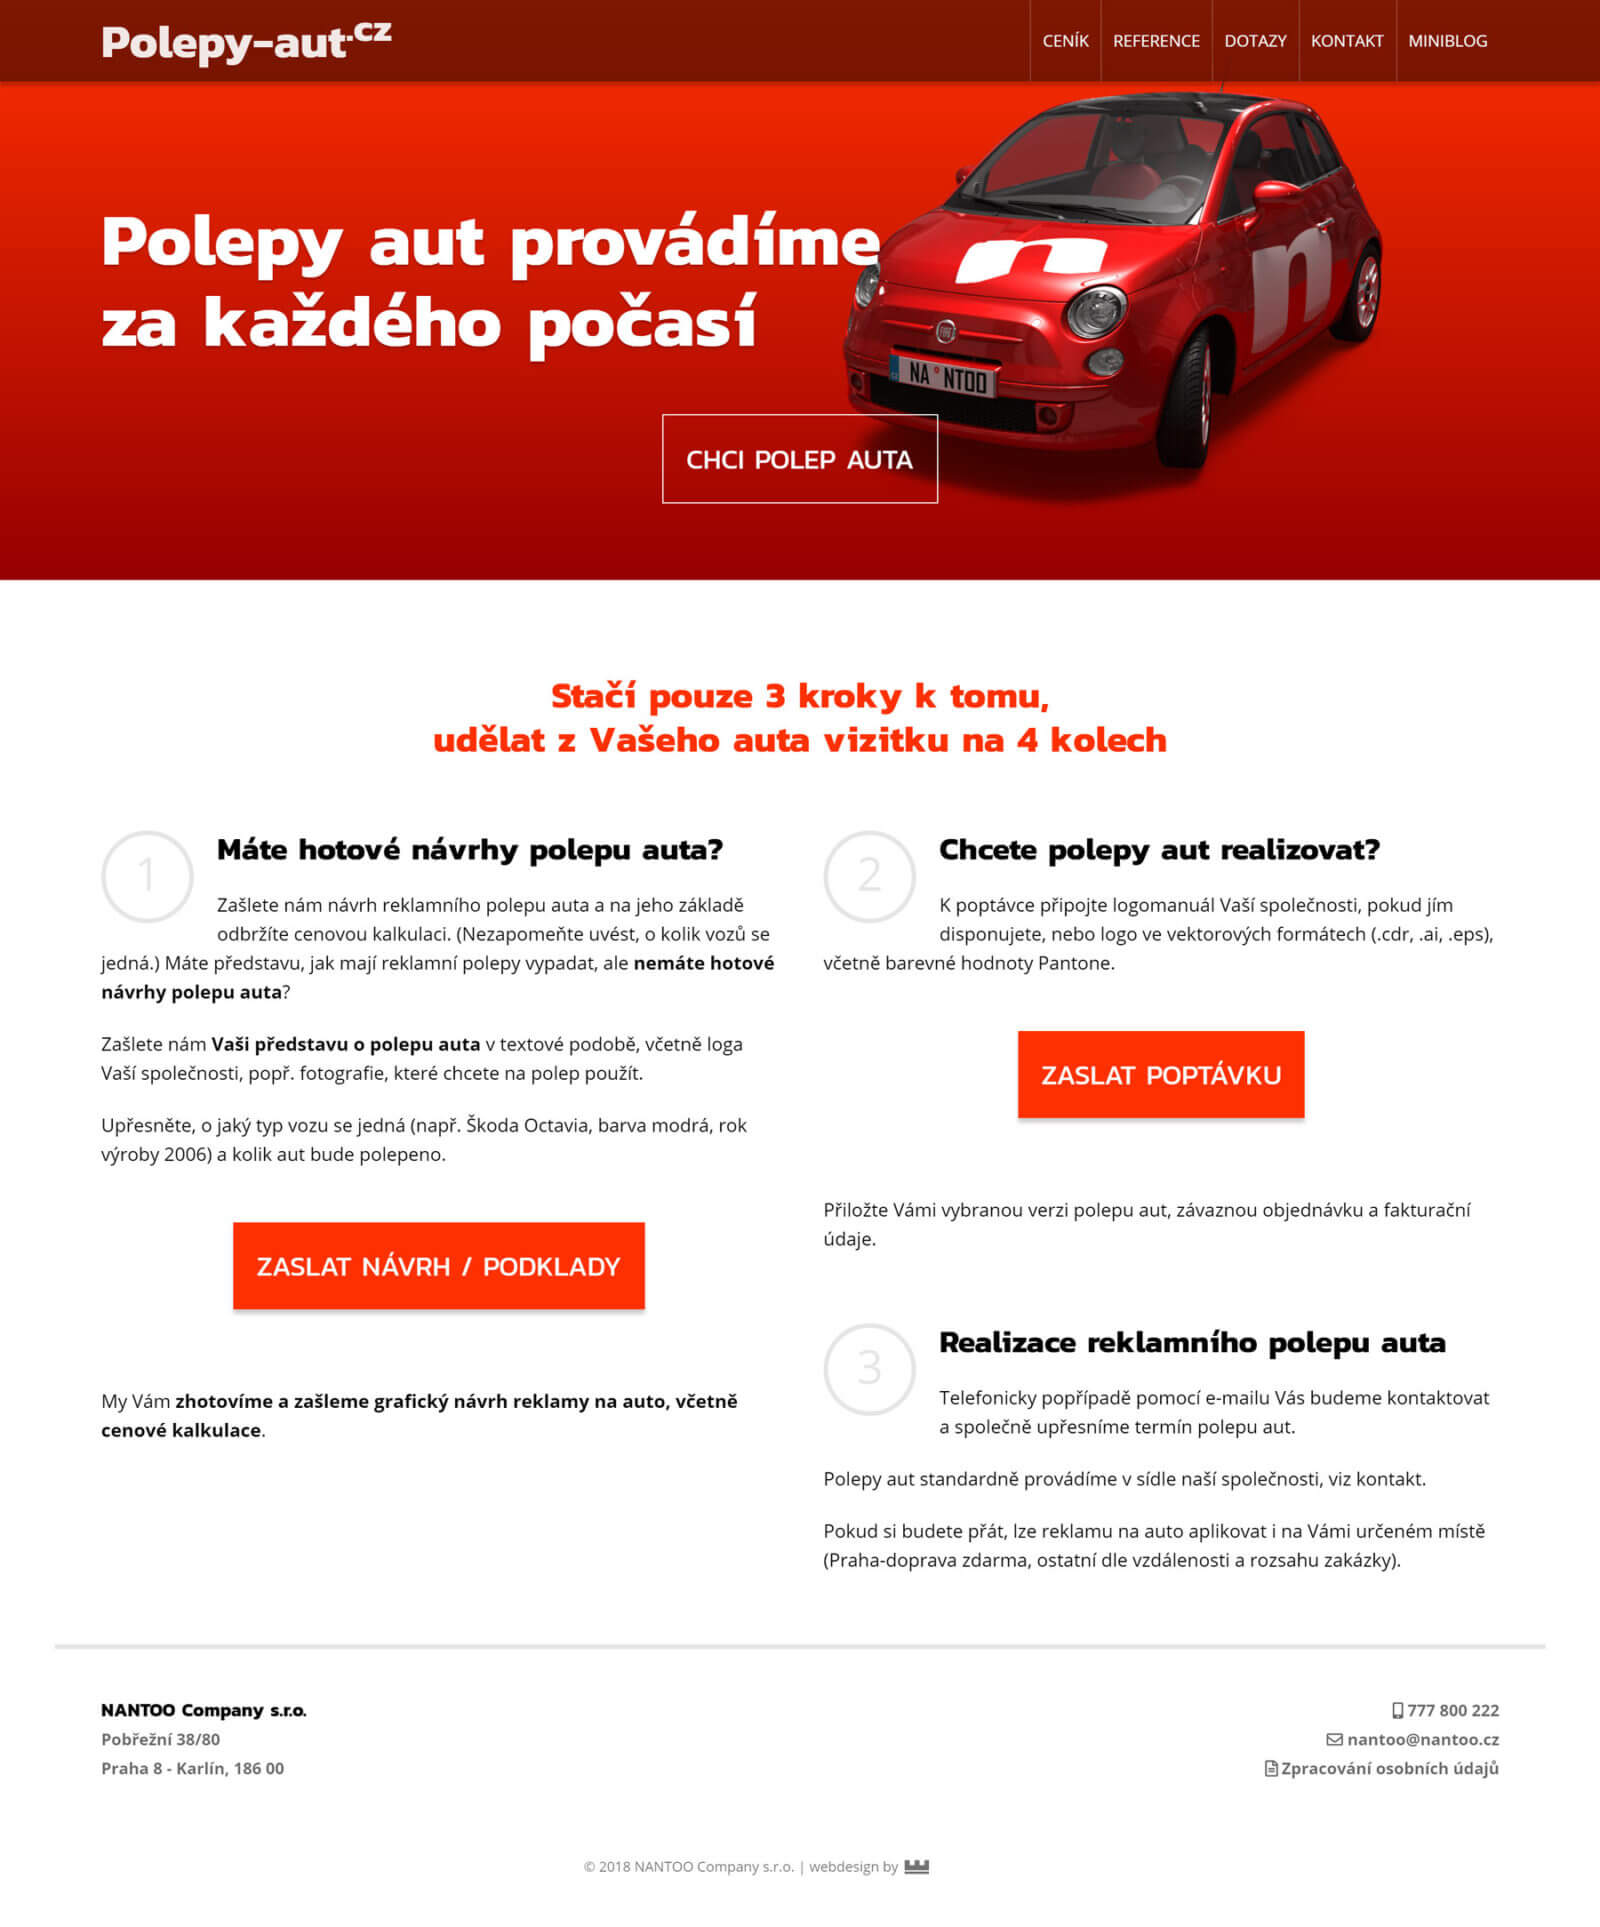 Tvorba webových stránek